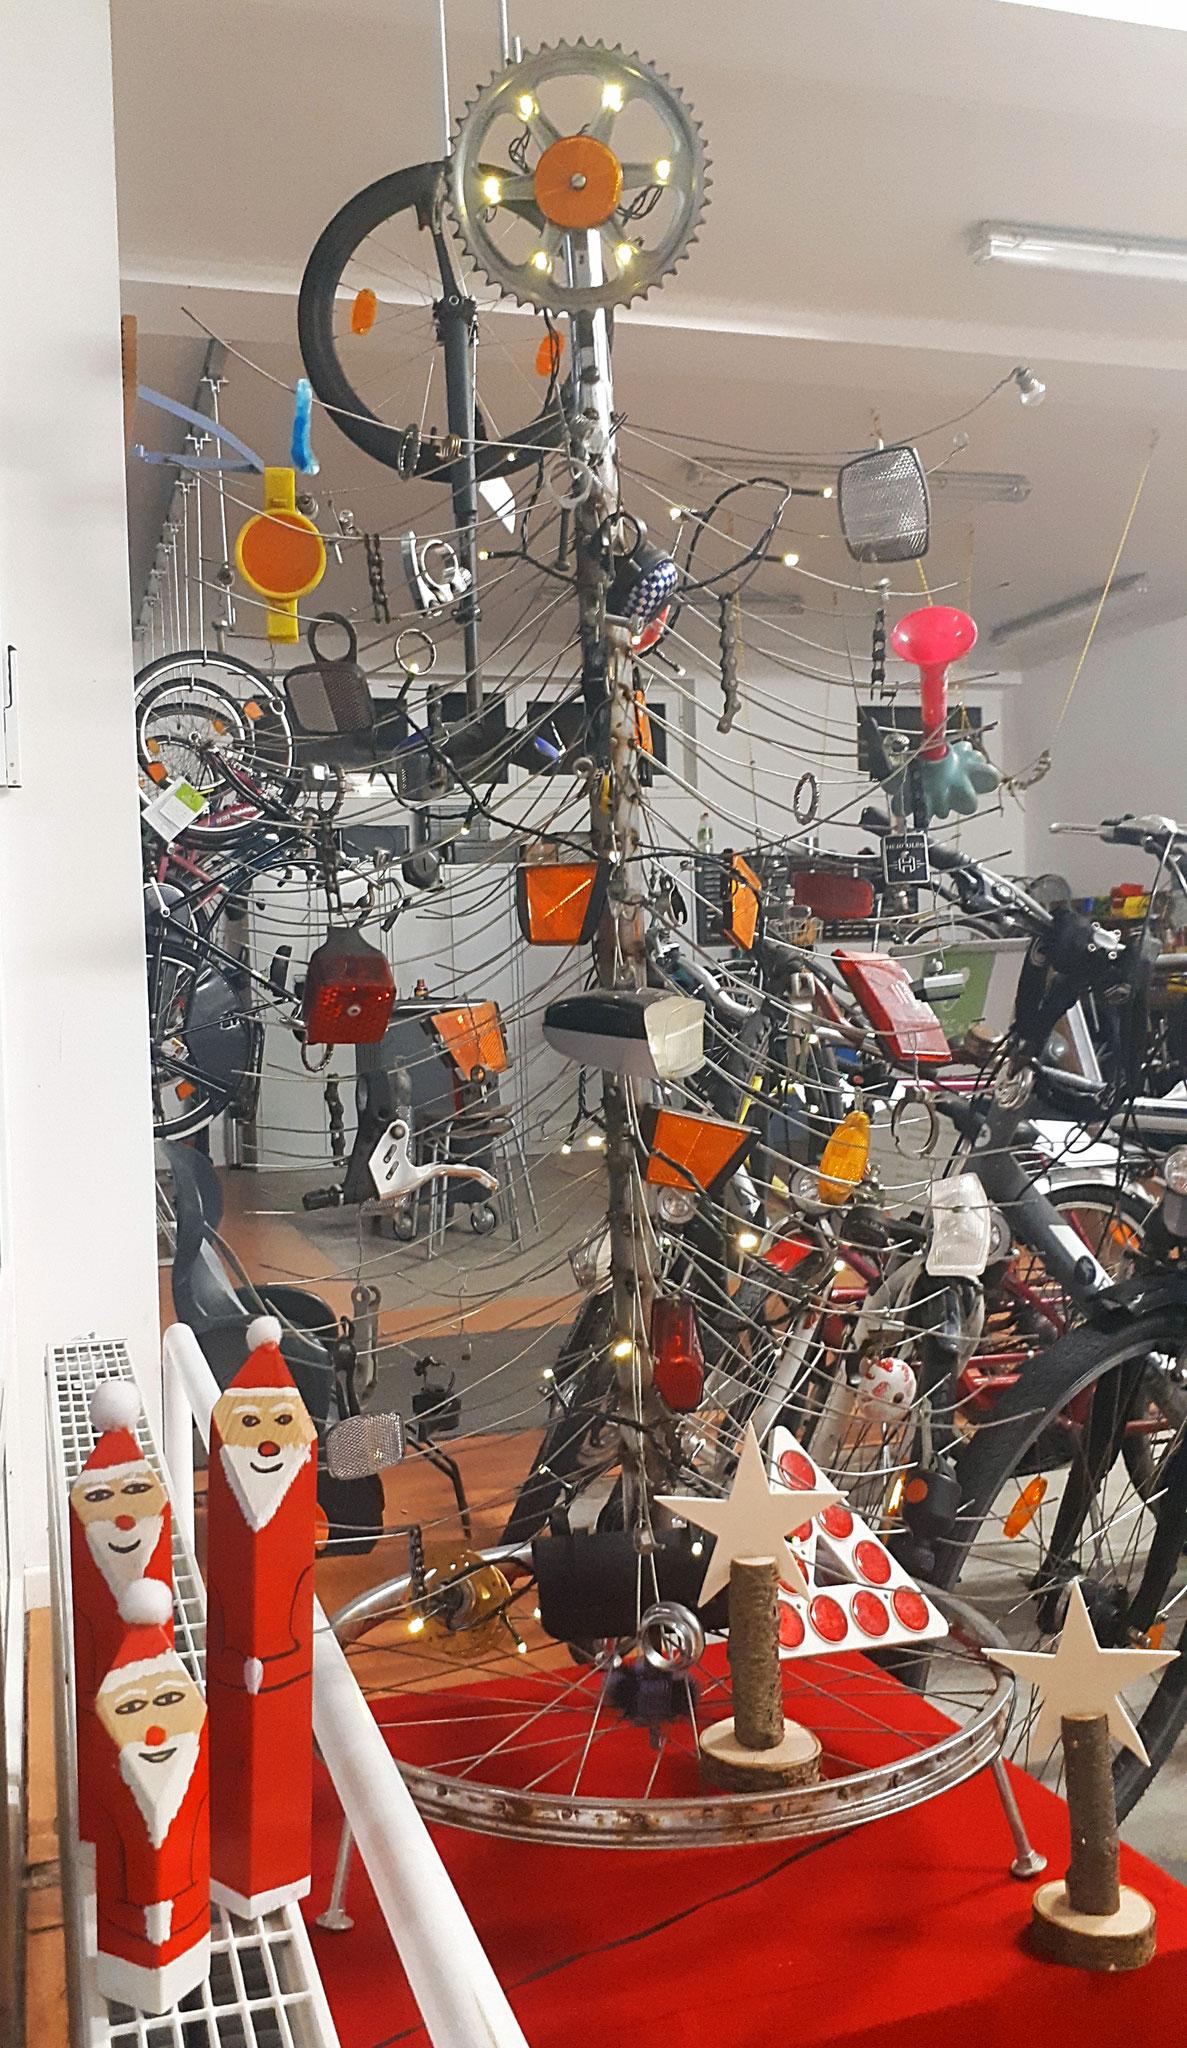 Der traditionelle Fahrradteiletannenbaum.